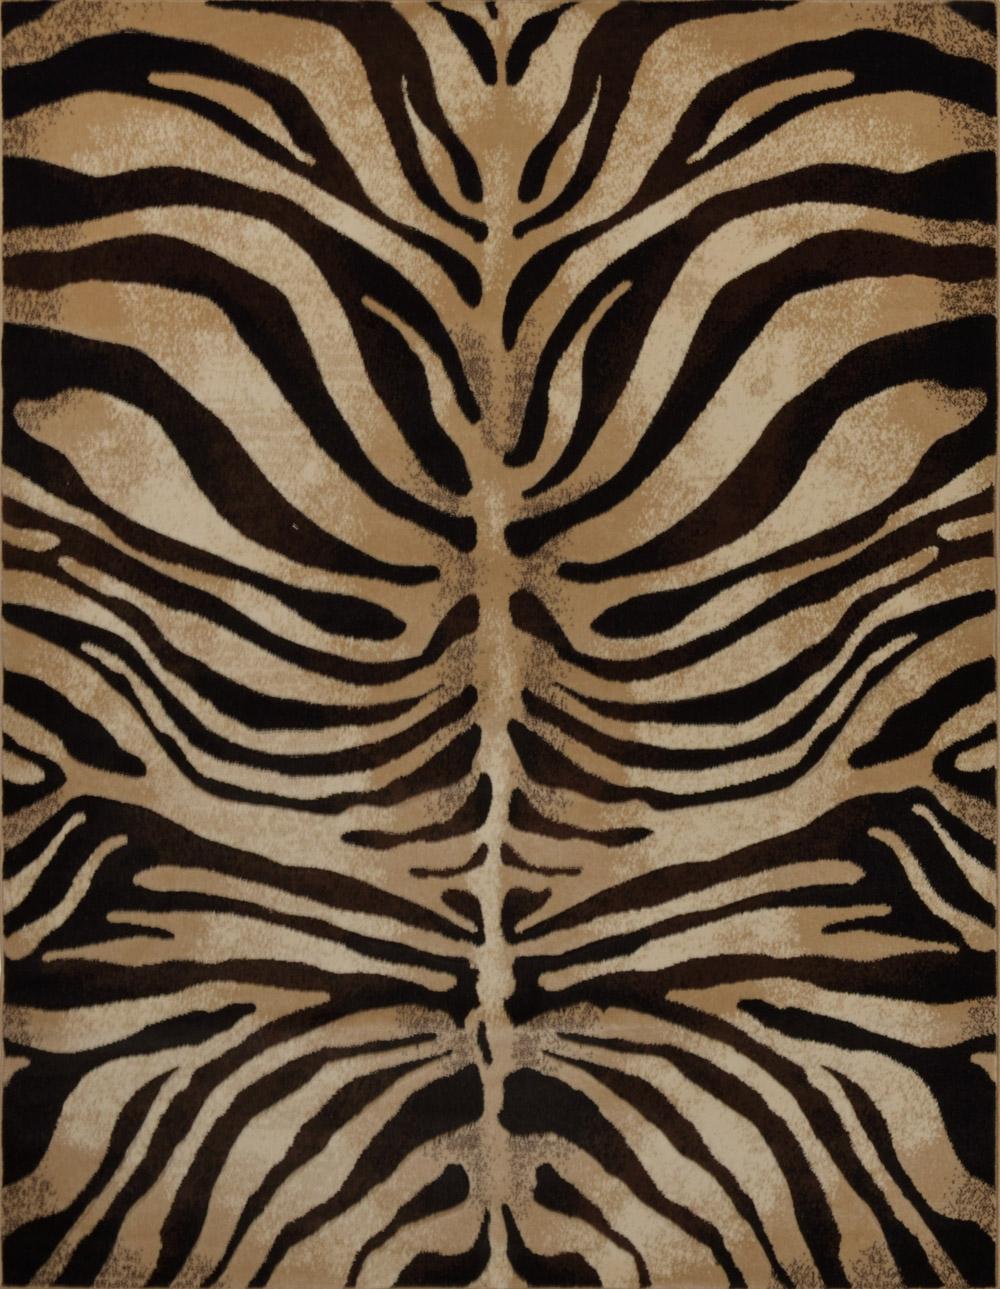 modern zebra stripes area rug 3x5 animal skin print carpet. Black Bedroom Furniture Sets. Home Design Ideas